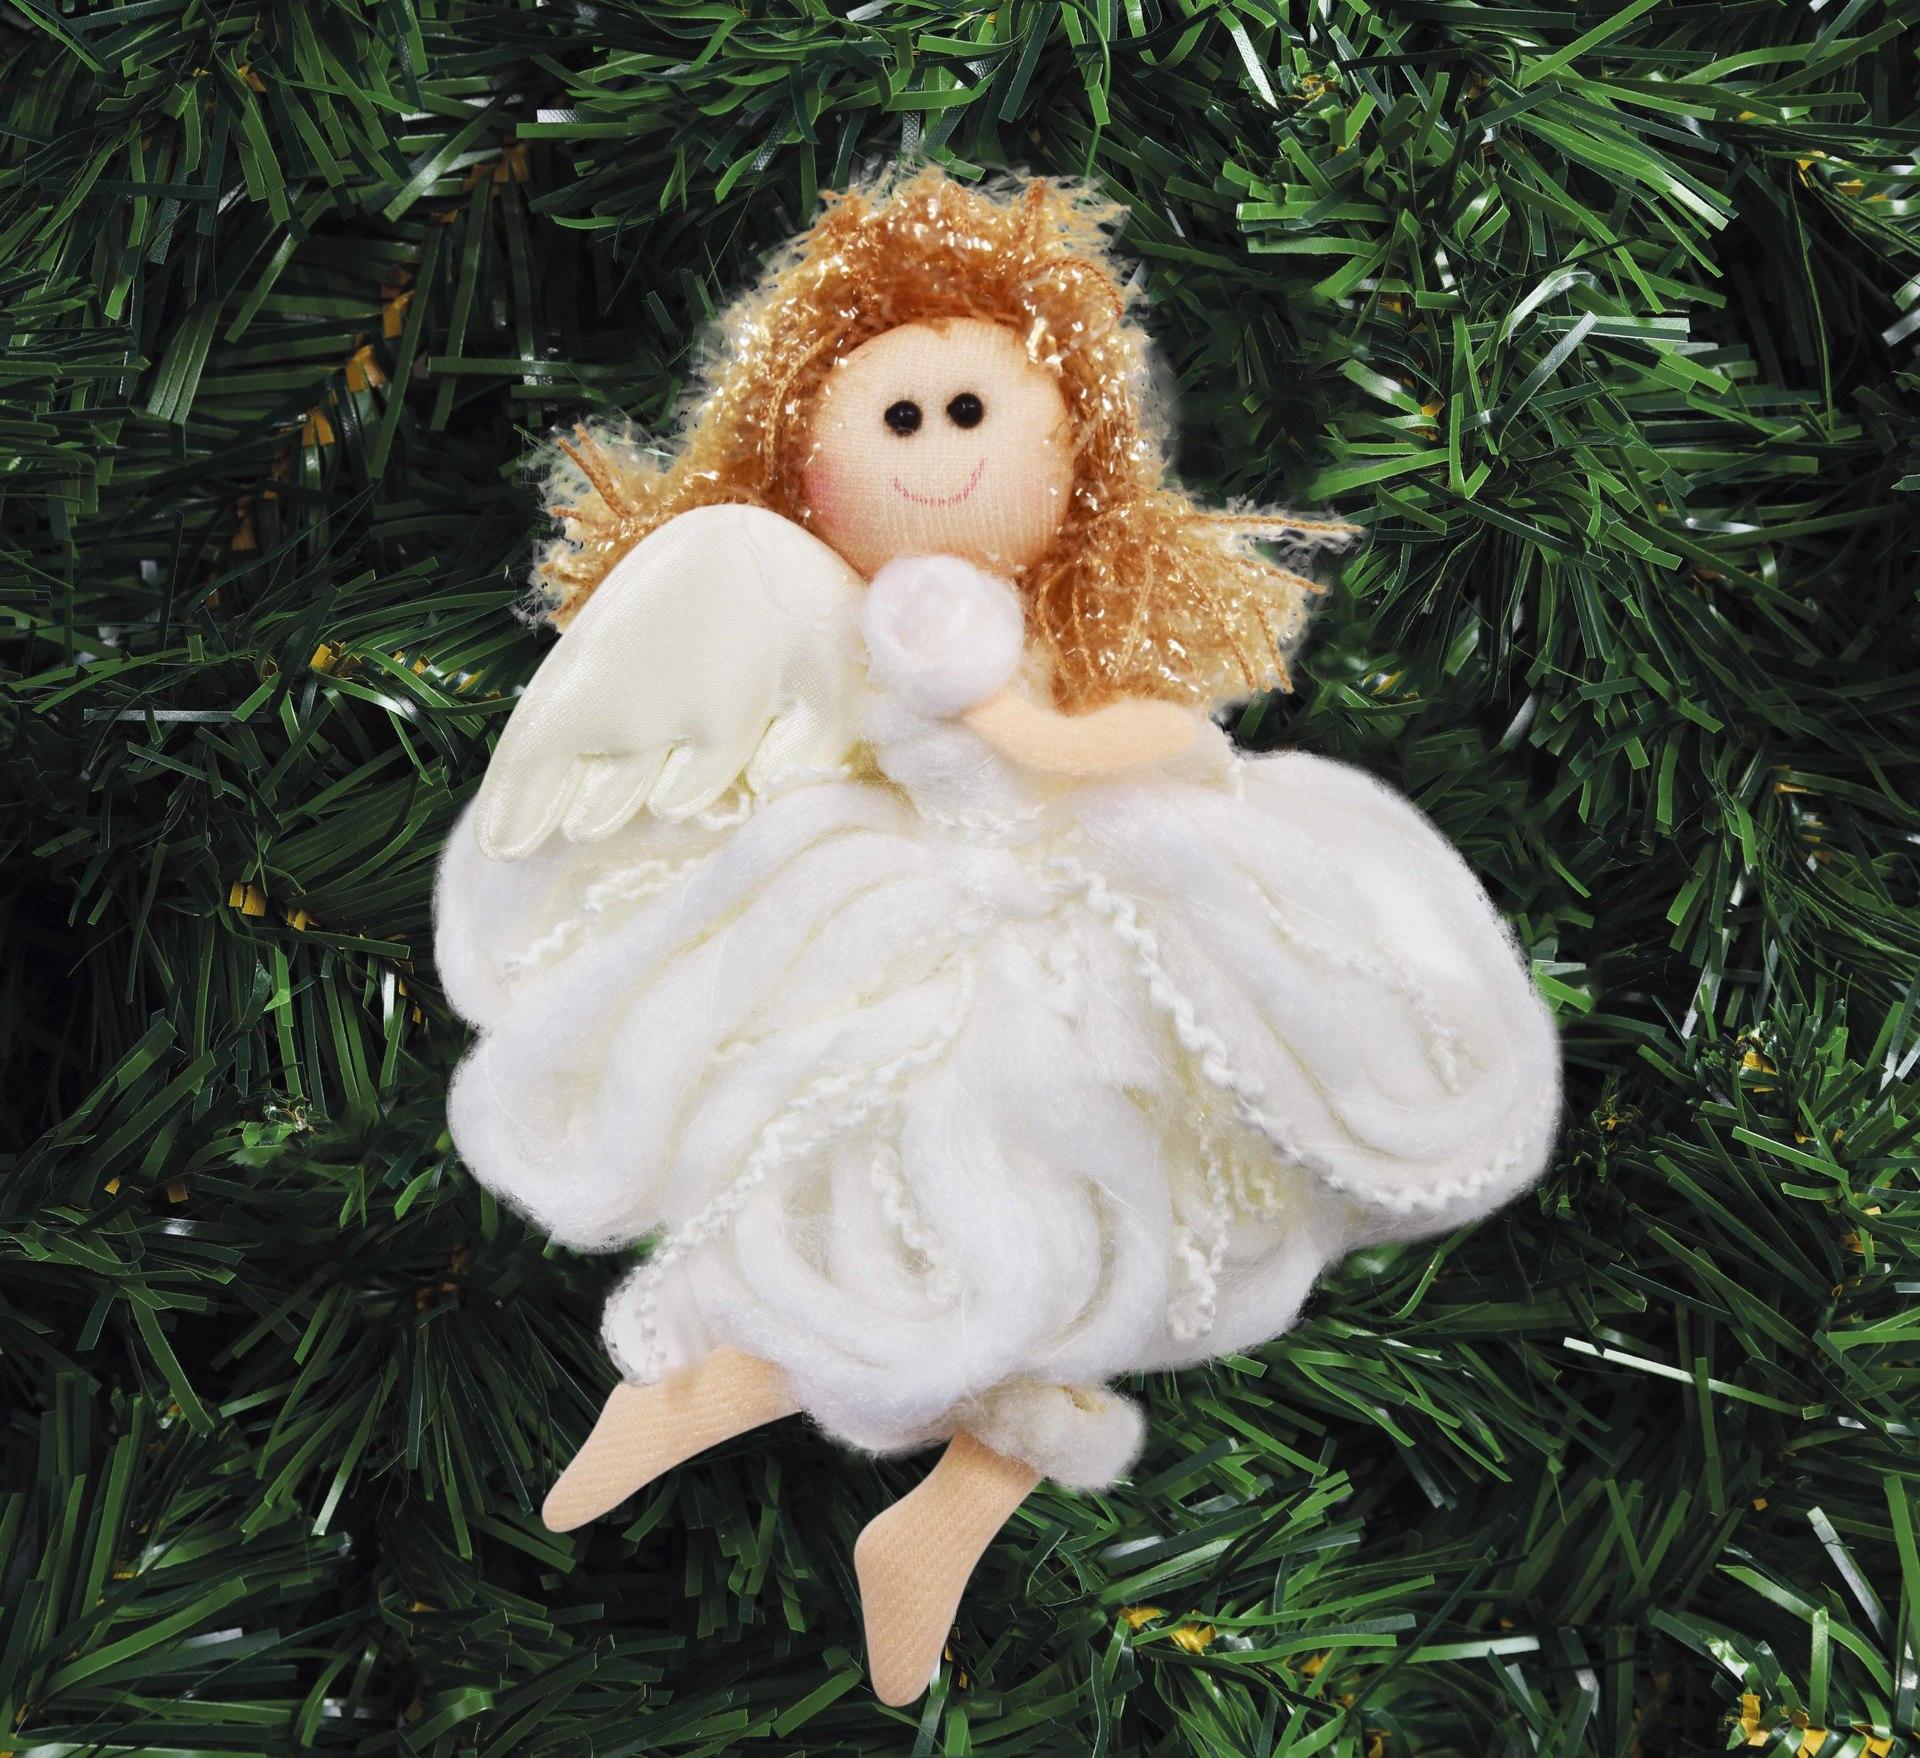 16 cm Andělská holčička s propracovanými detaily